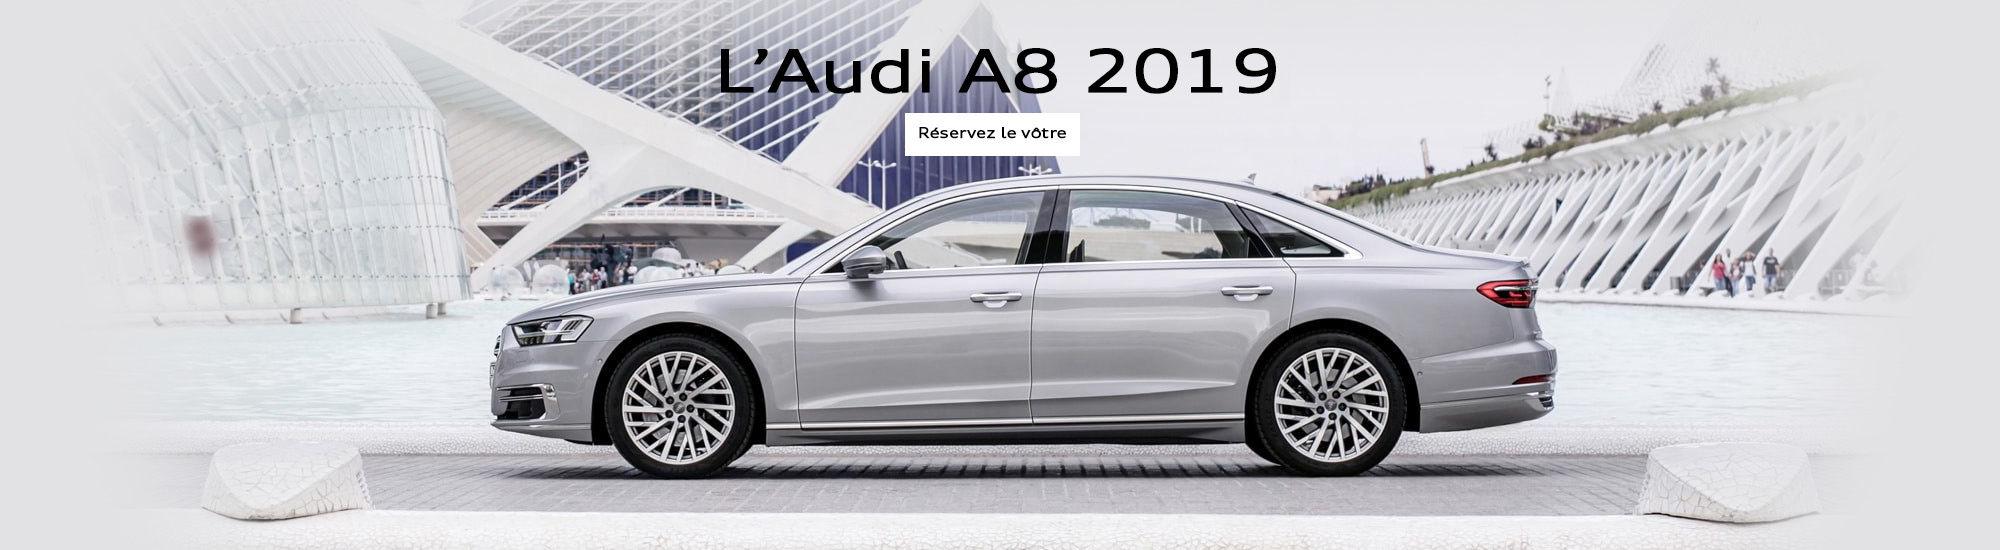 L'Audi A8 2019